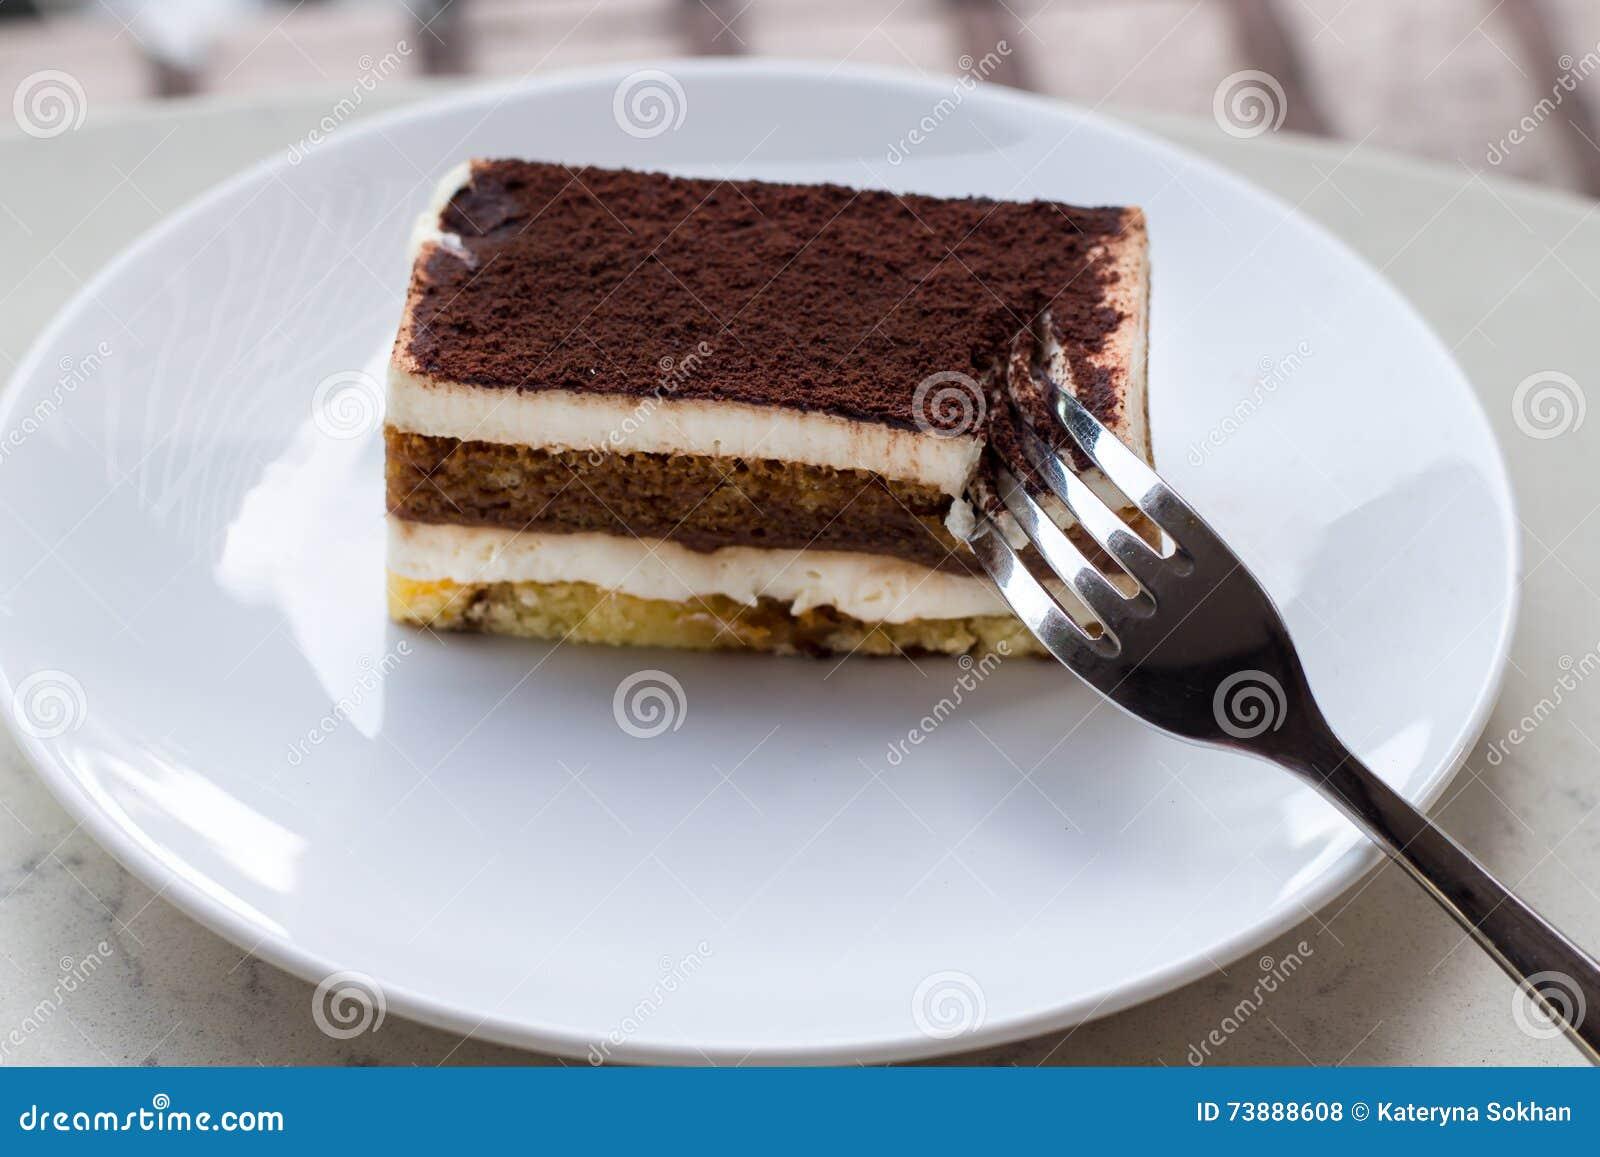 Tiramisu Kuchen